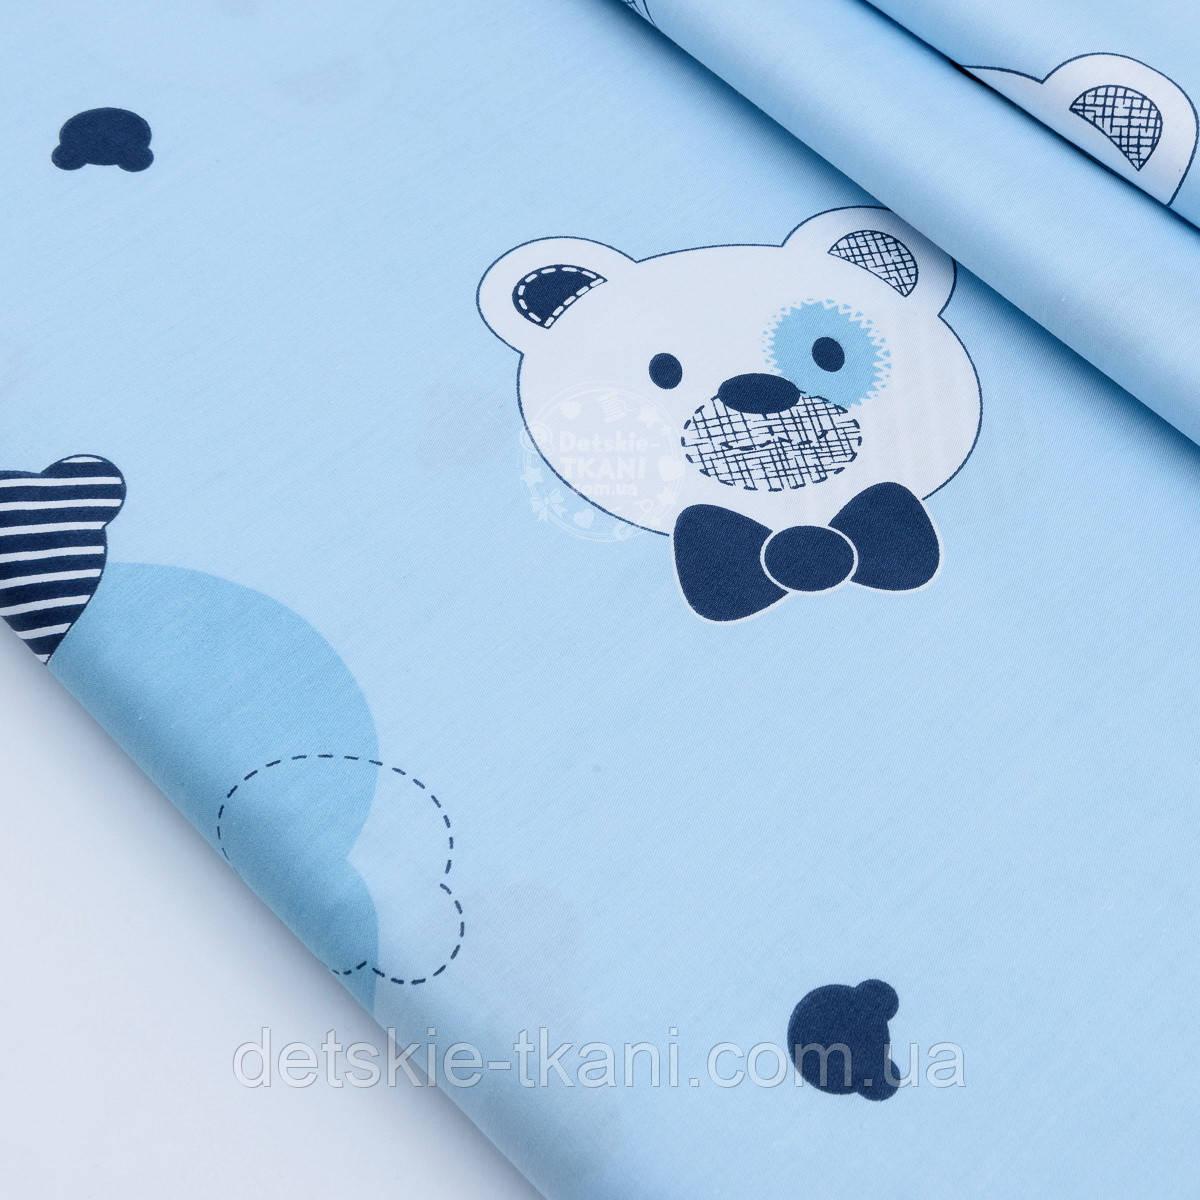 """Сатин """"Голова мишки с синей бабочкой и полосатые контуры"""" на голубом № 1764с"""